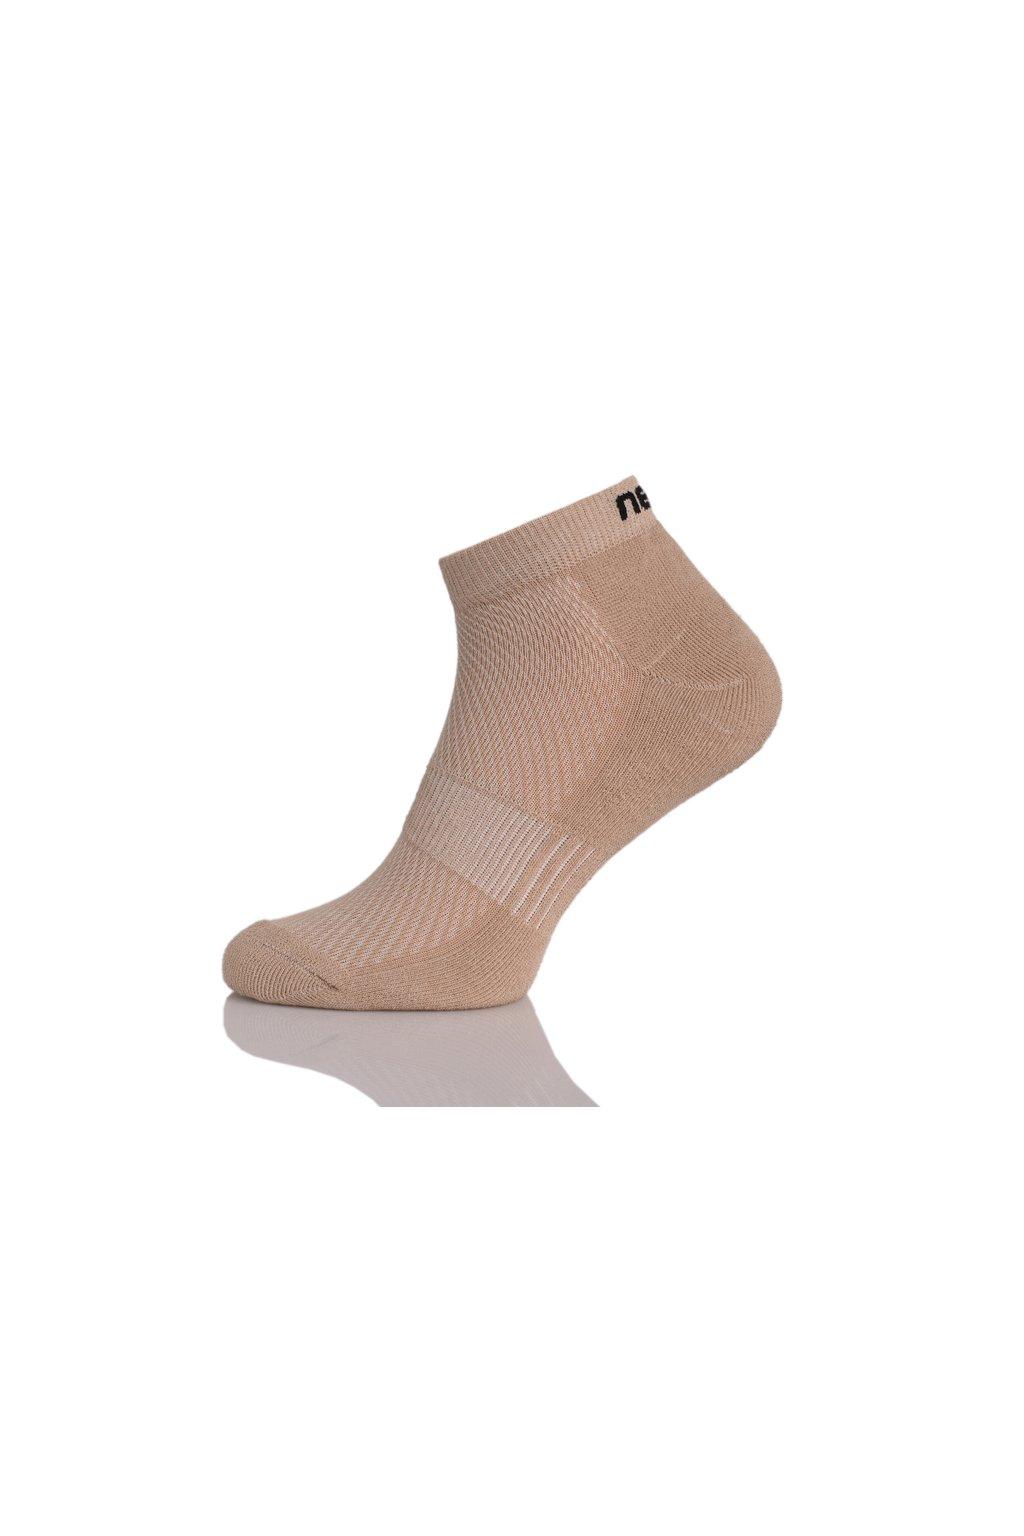 Bavlněné Termoaktivní kotnikové ponožky ST 11 1